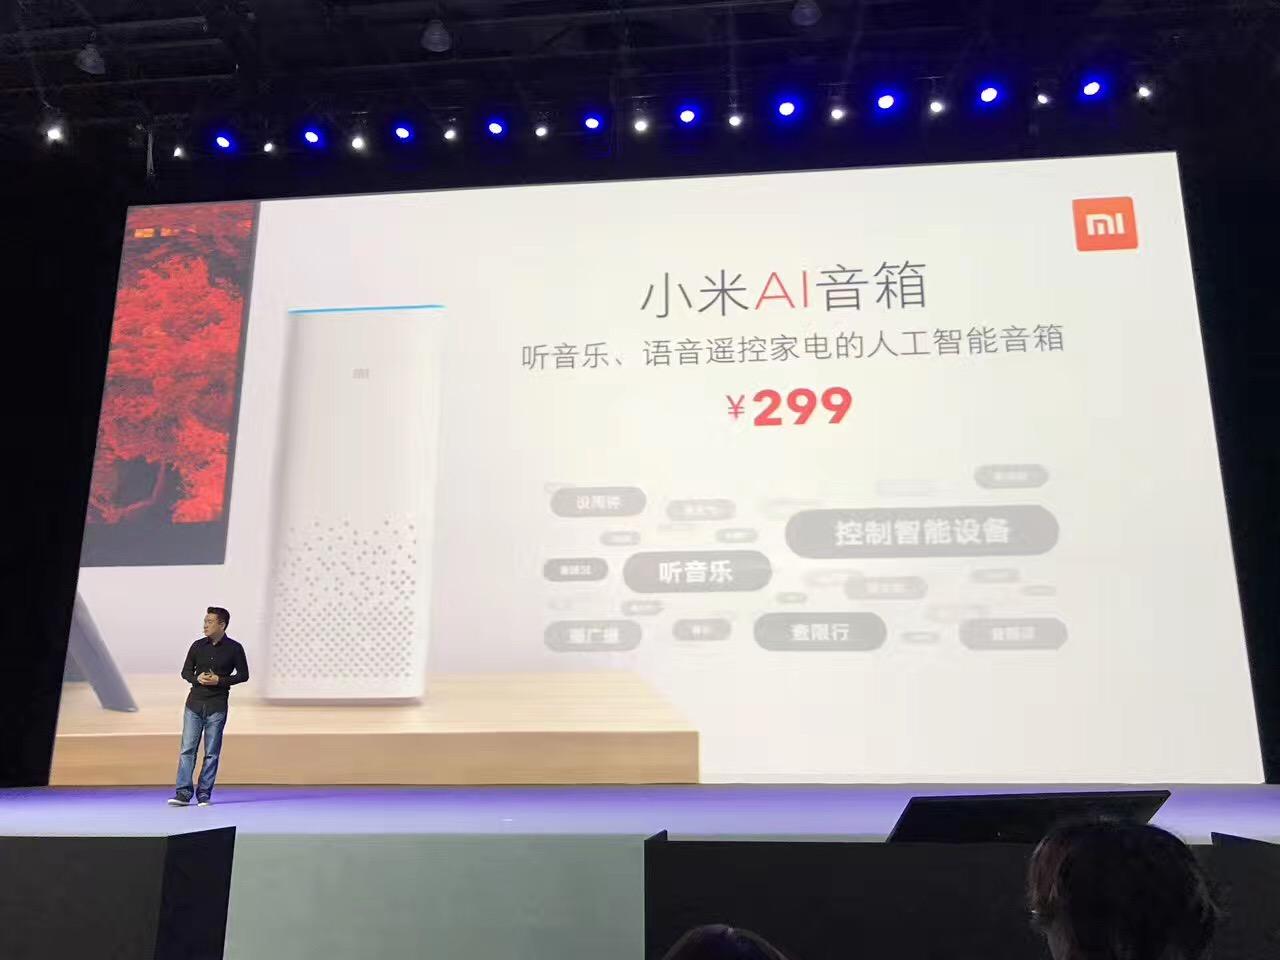 小米AI智能音箱发布 299元再次执行小米价的照片